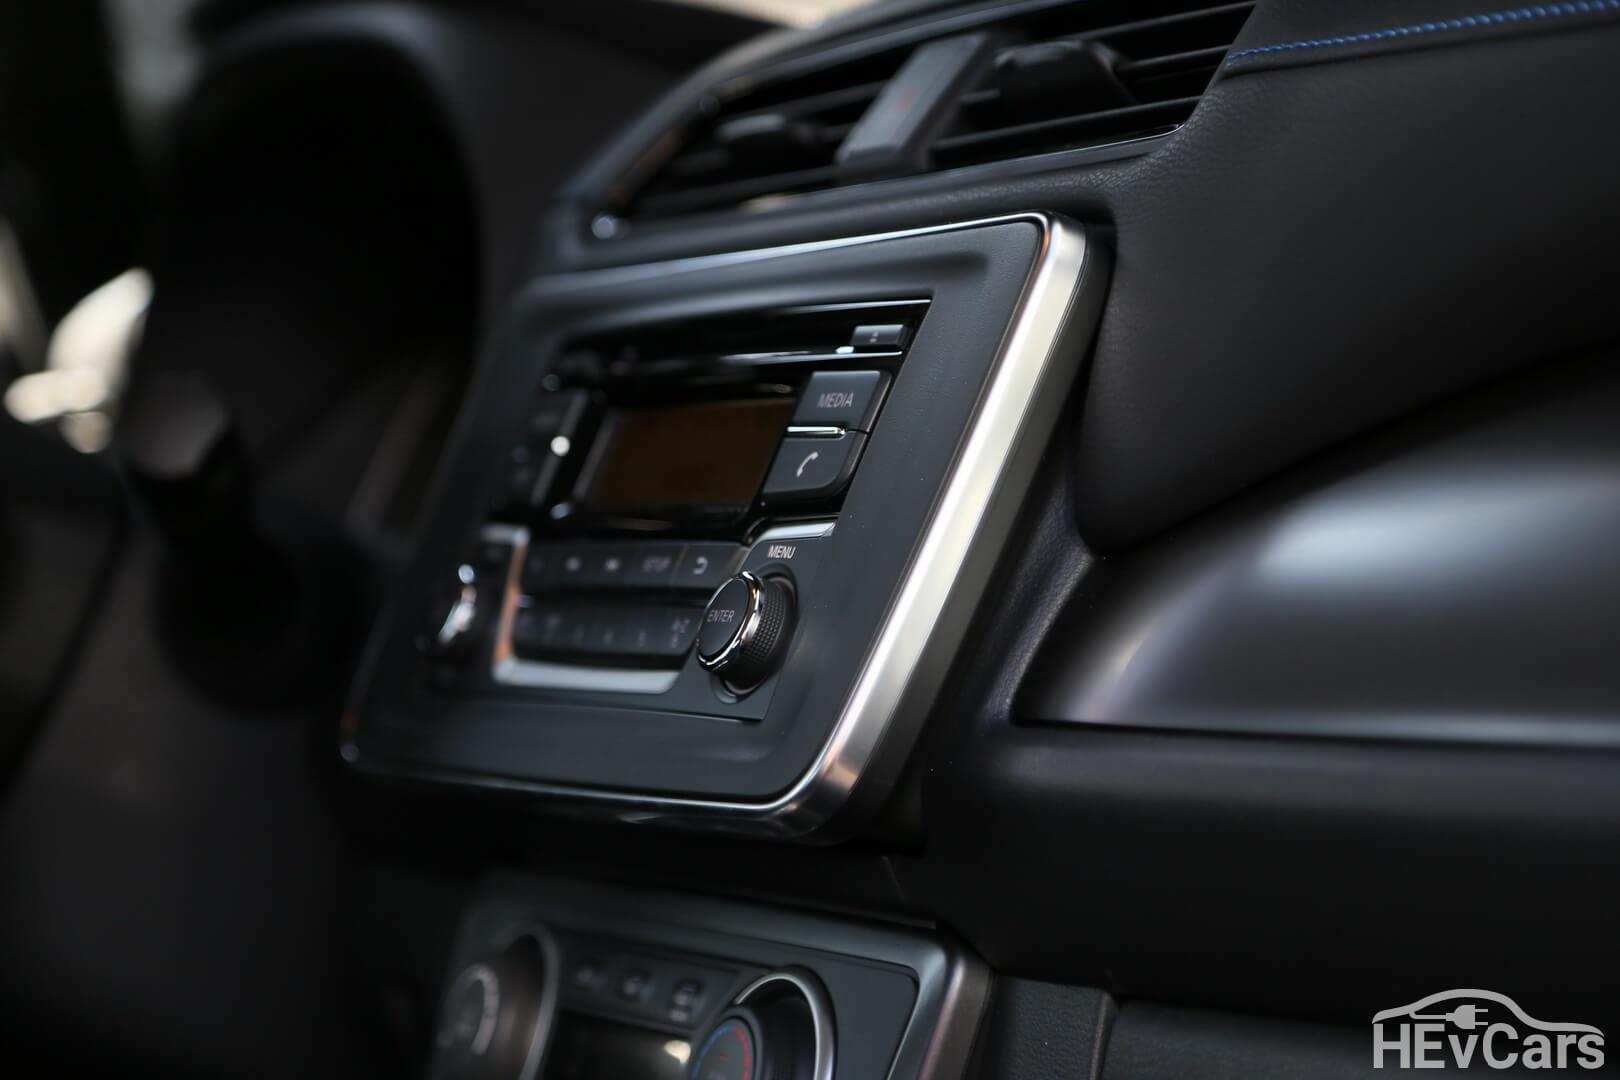 Передняя панель отделана кожзамом с синей строчкой в Nissan Leaf 2018